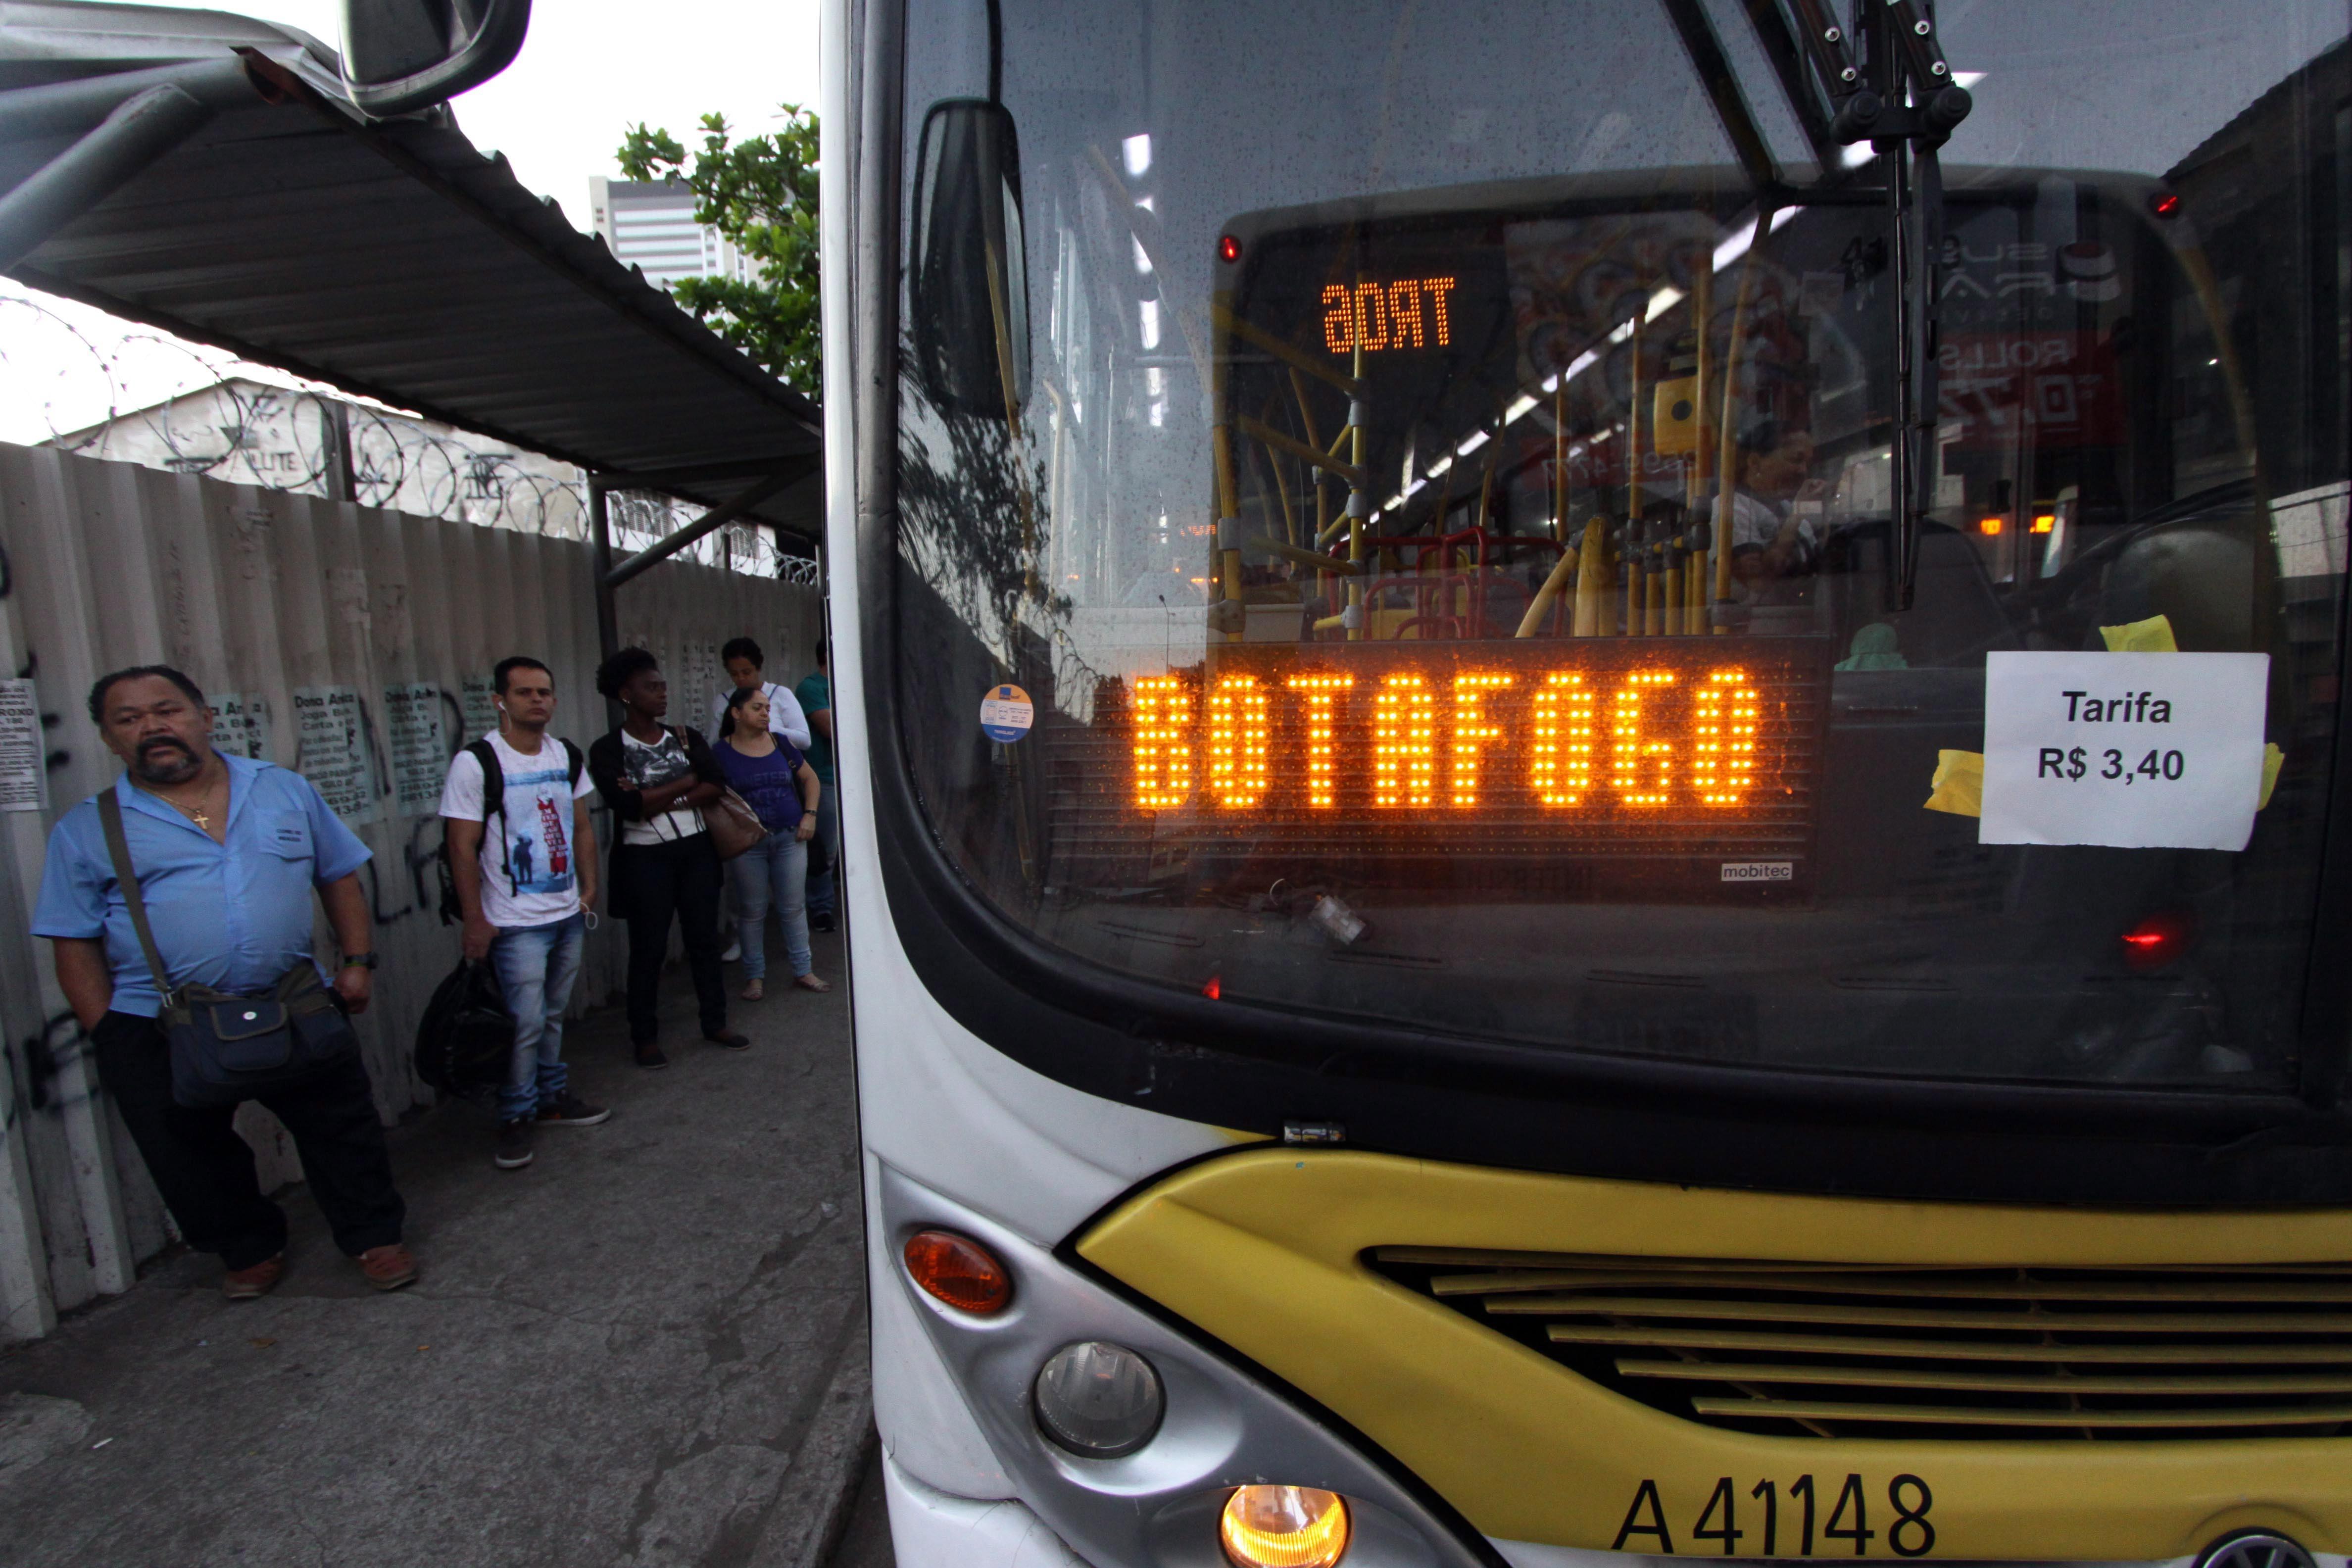 Ônibus com a tarifa a R$ 3,40